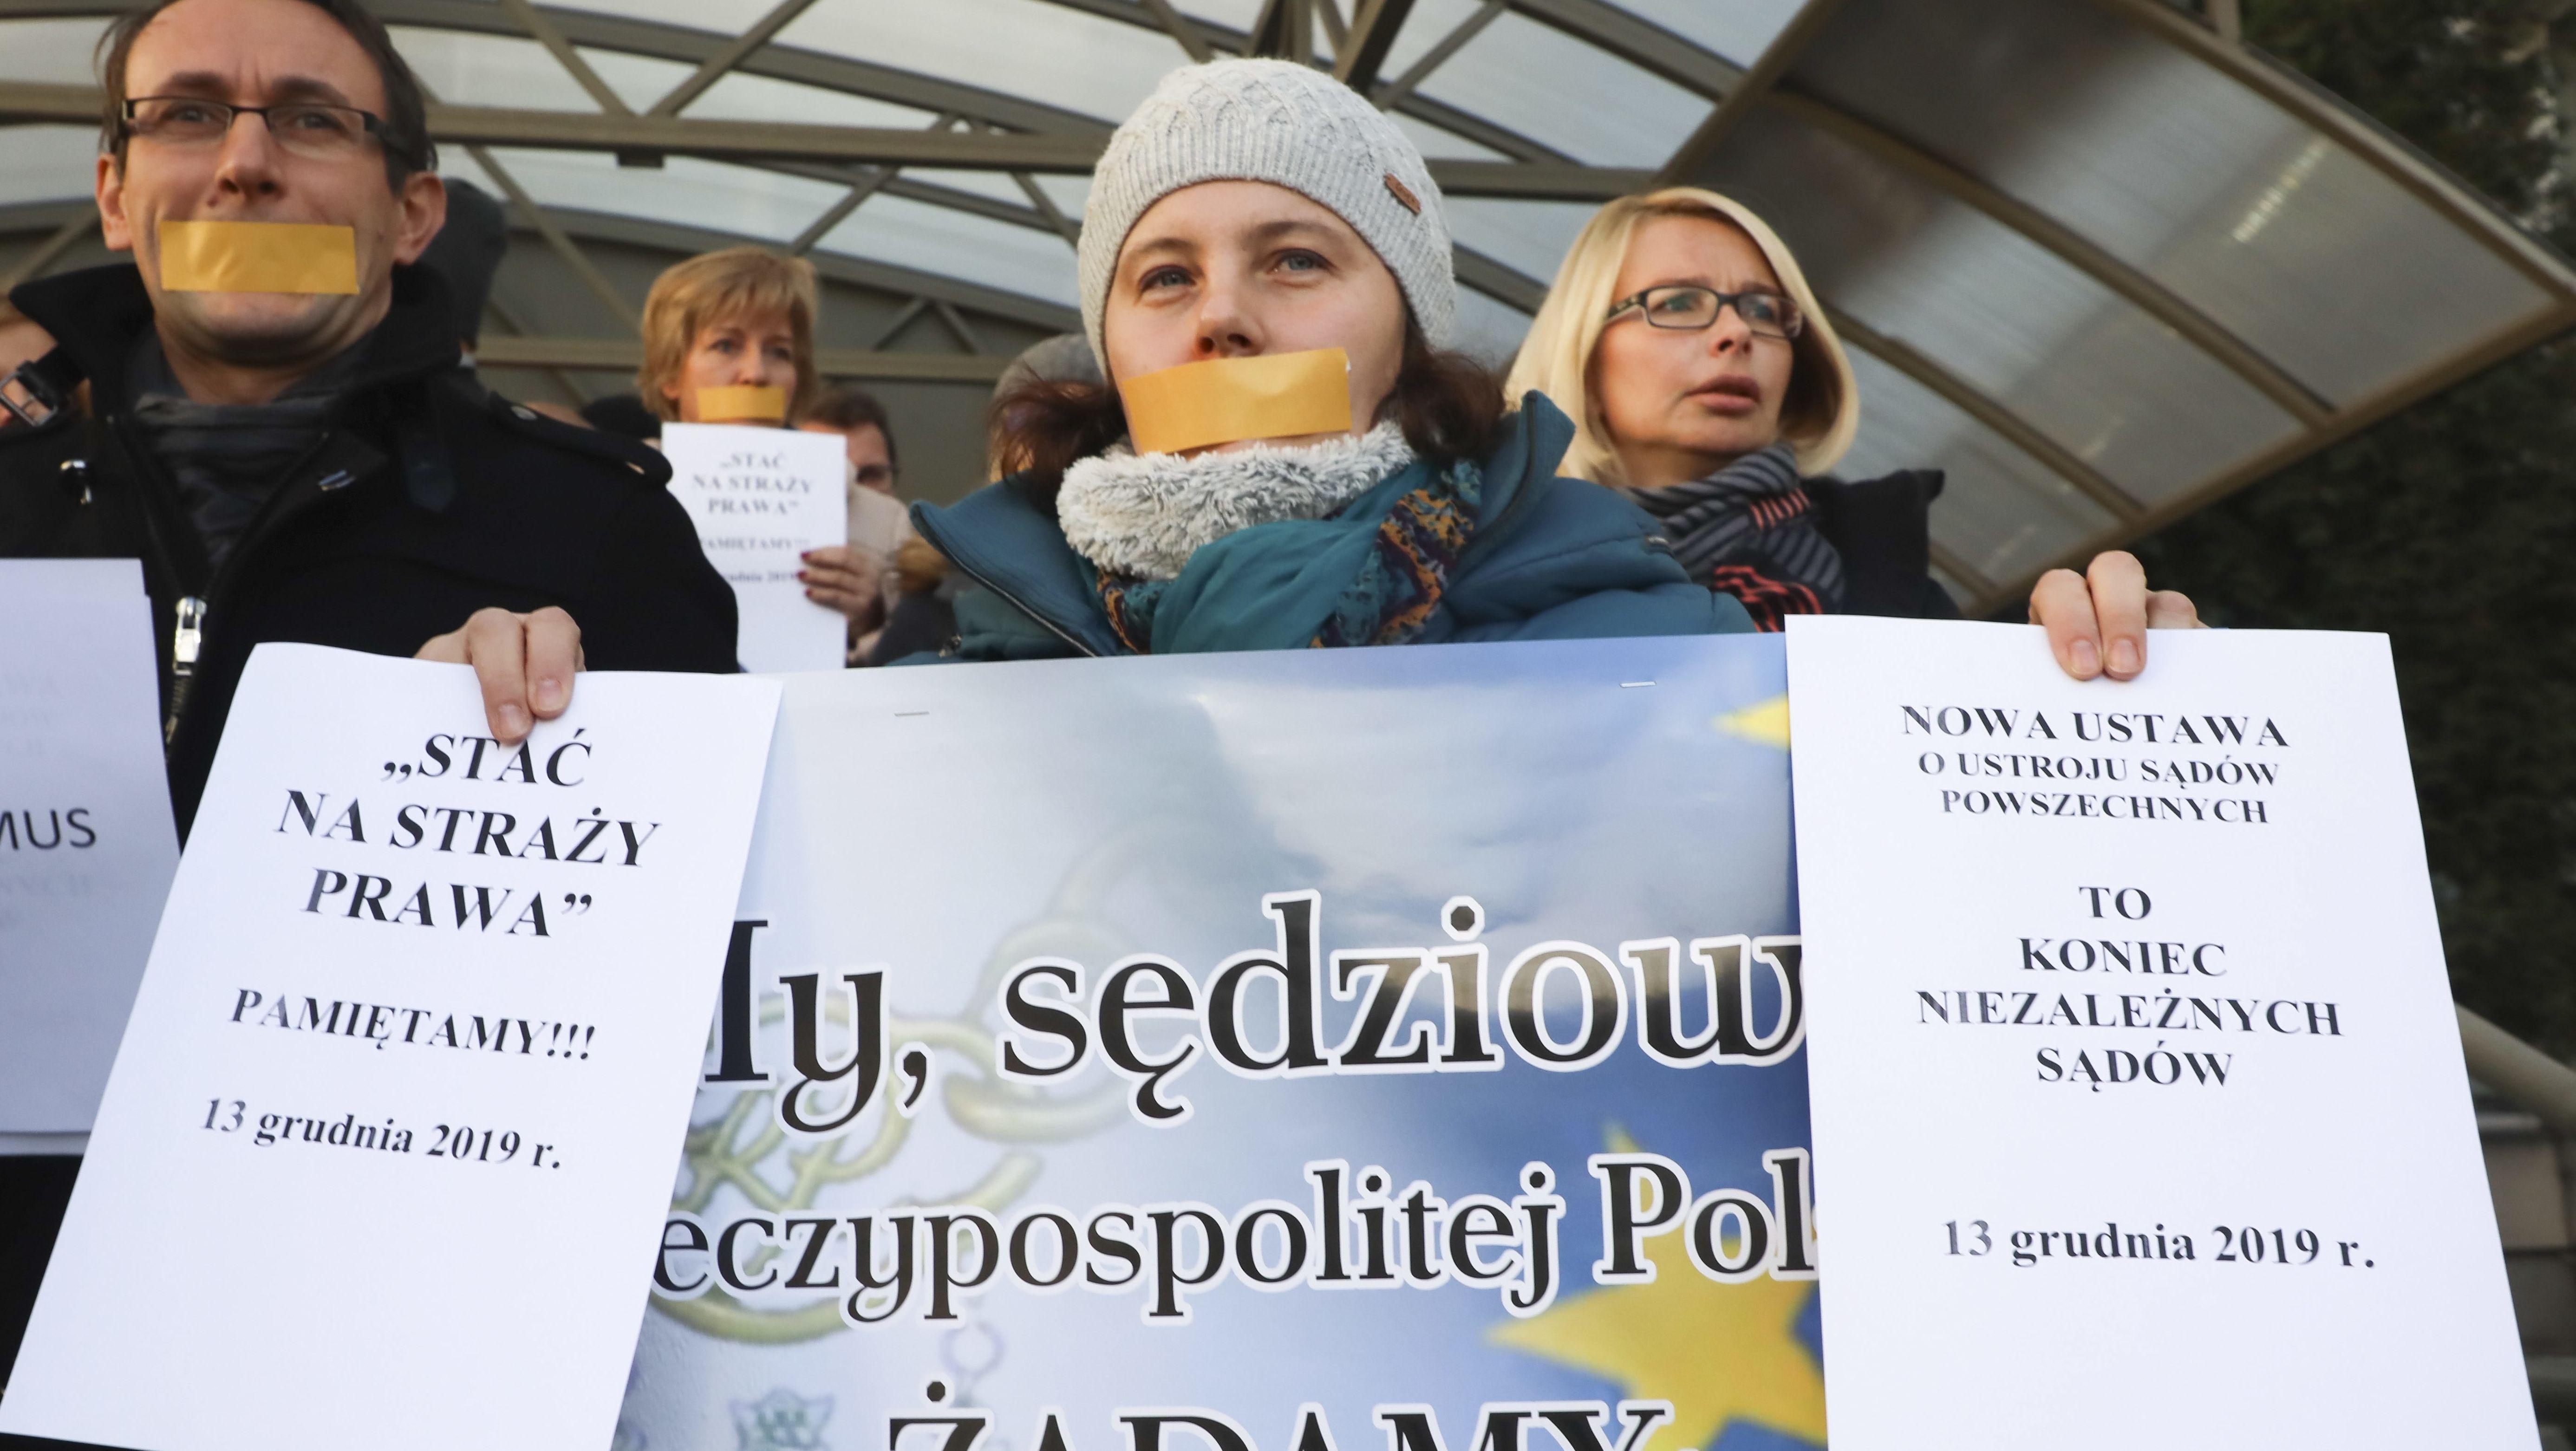 Richter und Unterstützer in Warschau protestieren gegen Polens Sonderweg in Europa und die Einschränkung der Judikative